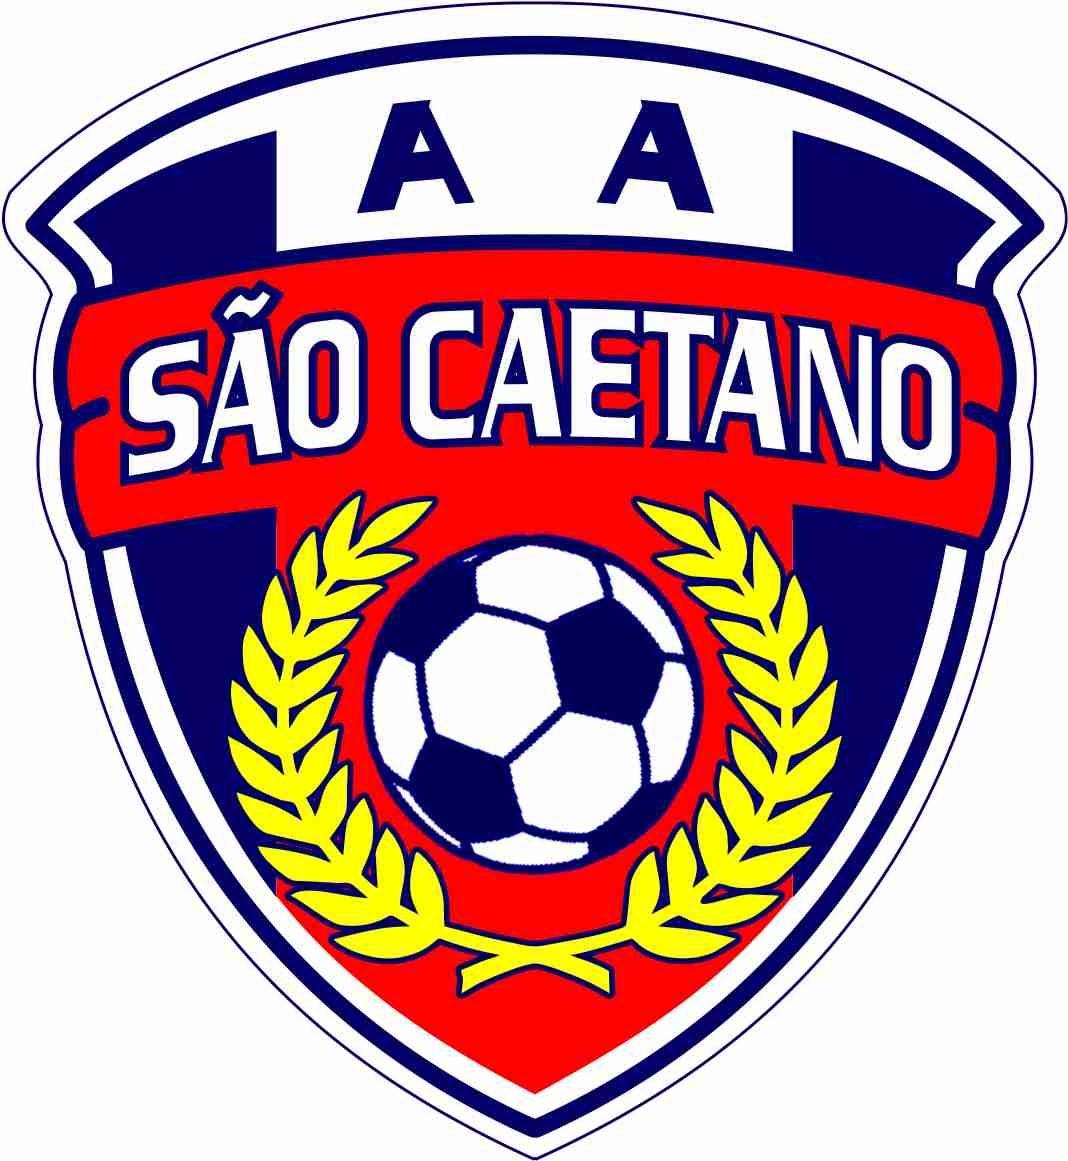 Associação Atlética São Caetano